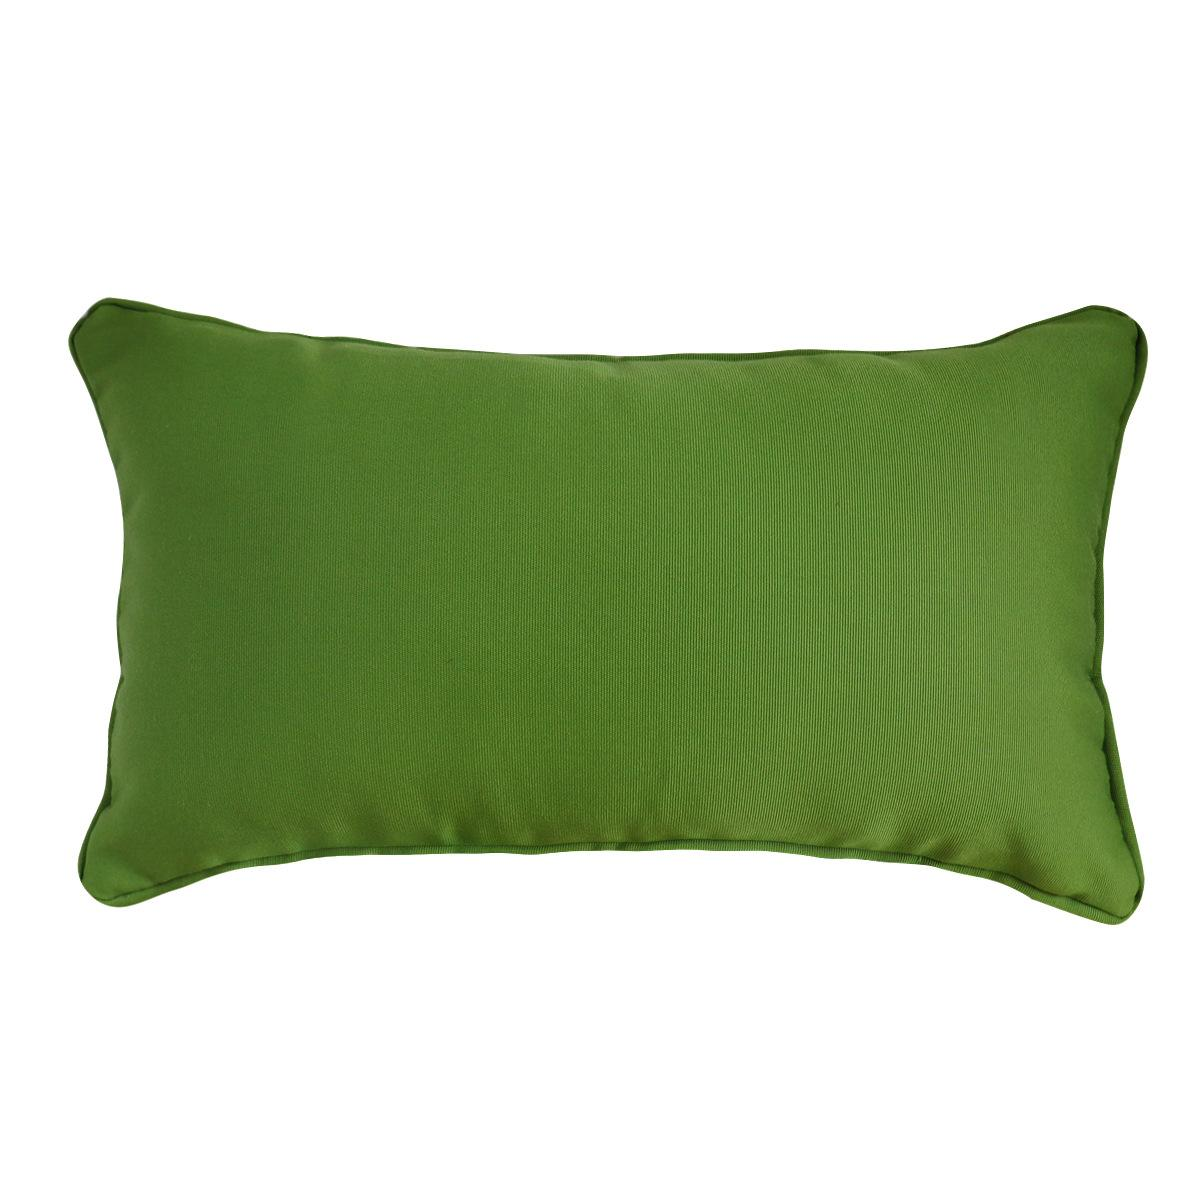 X267 Küçük Taze Kucaklama Yastık Dikey Şerit Süet Yastık Örtüsü Ev Eşyaları Hug Yastık Kalıcı Katı Renk Yastık ASDF Kapakları